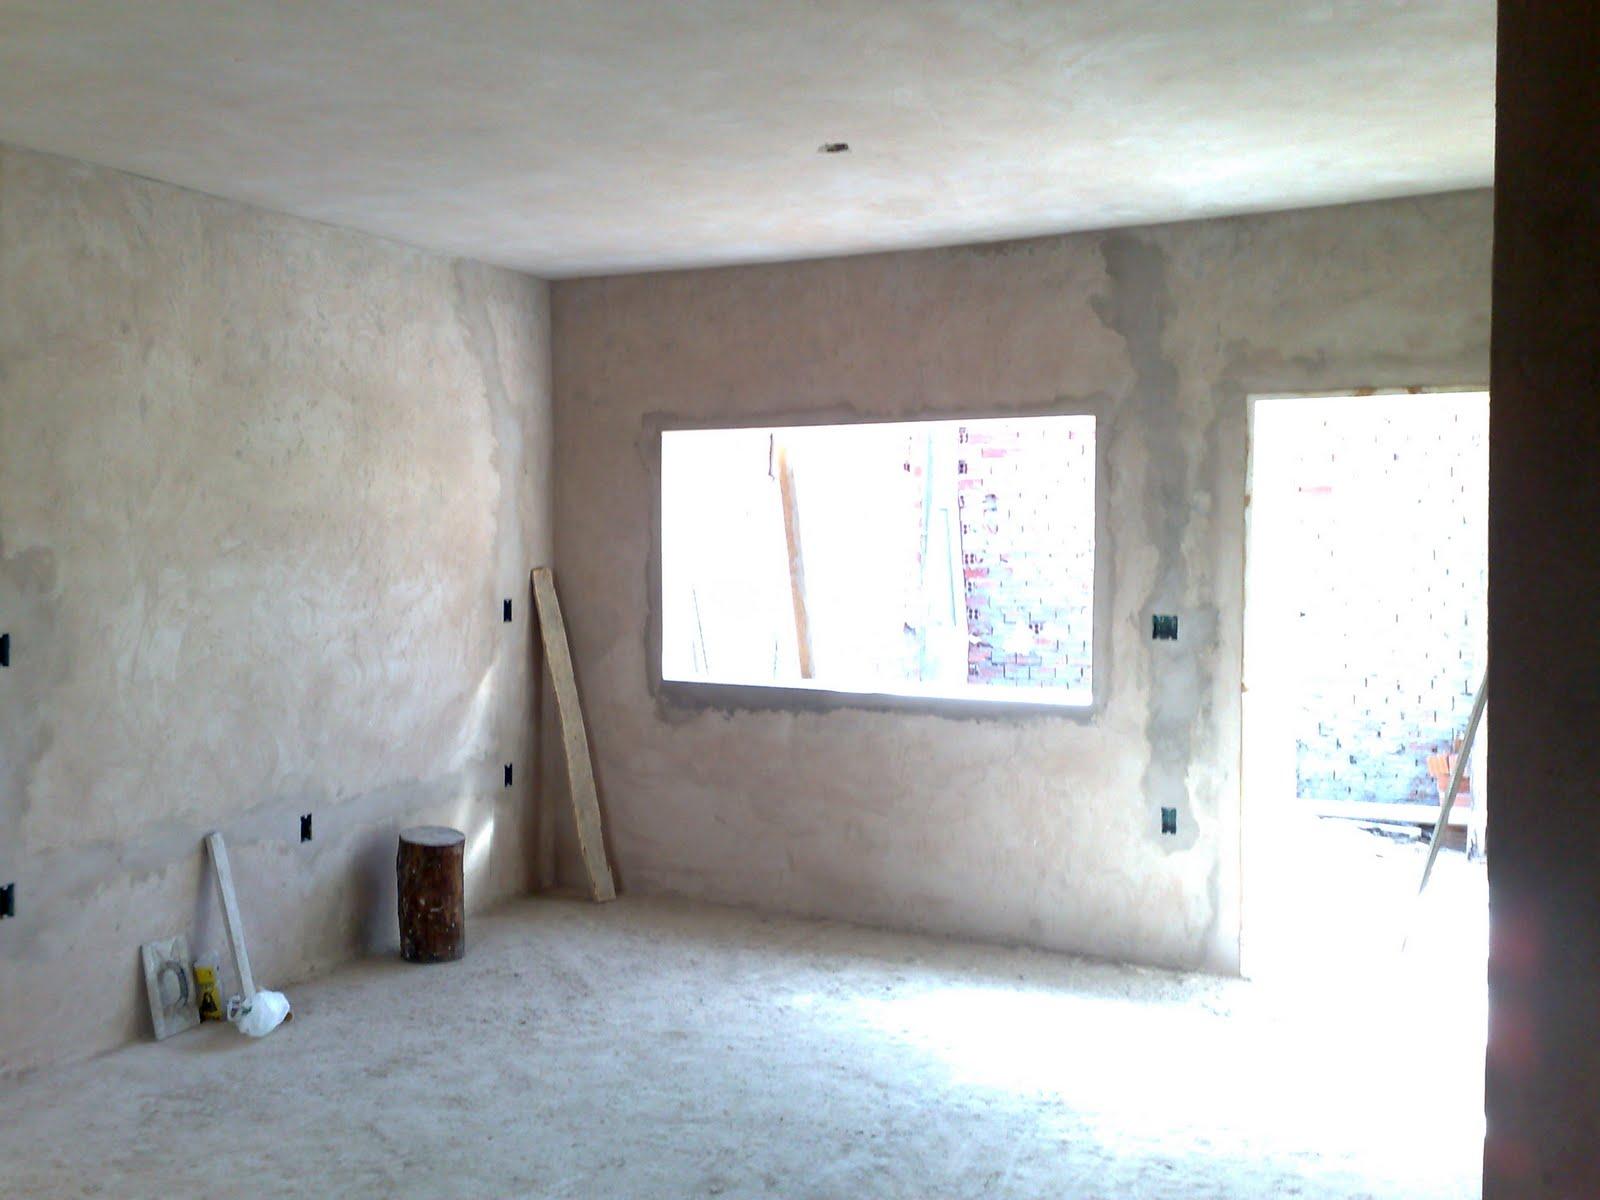 #536878  passo da construção da minha primeira casa: Batentes e janelas 220 Janelas De Vidro Para Cozinha